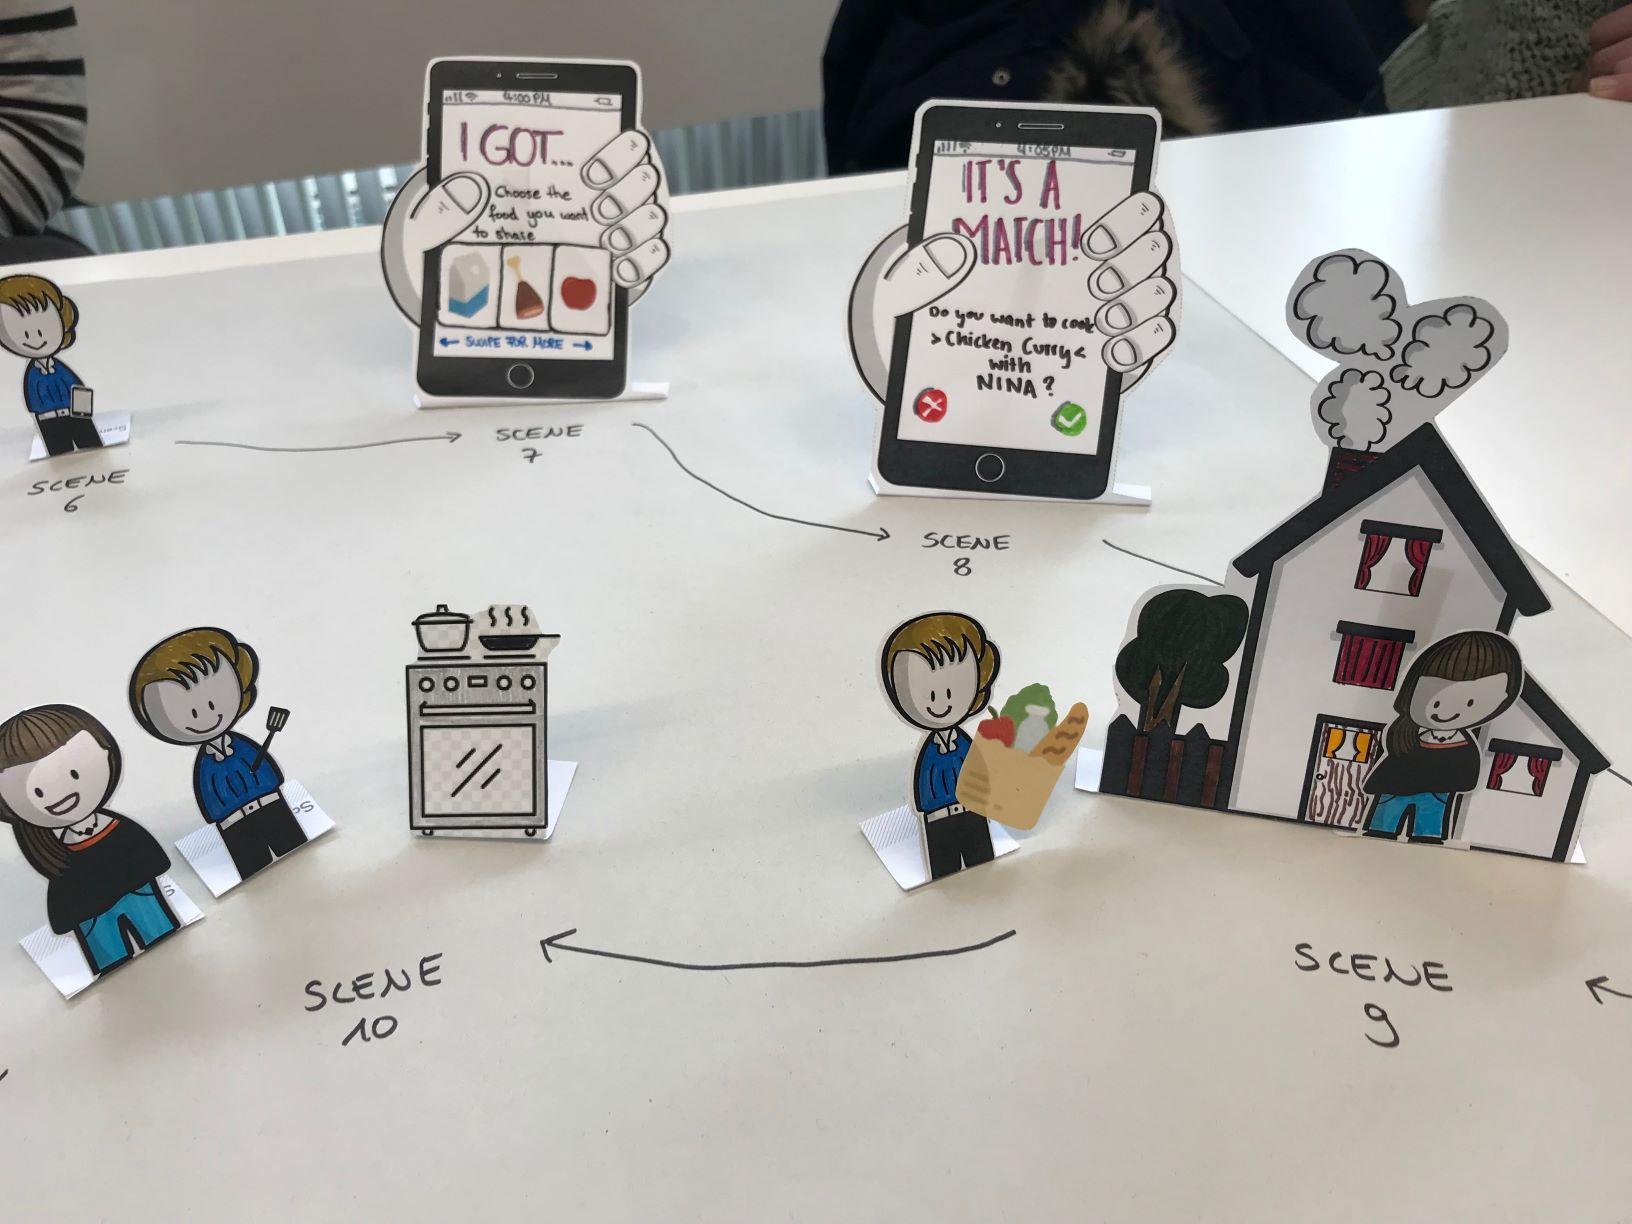 Ein Paper Prototype mit verschiedenen menschlichen Figuren und Darstellungen von Smartphone-Bildschirmen mit einer App.